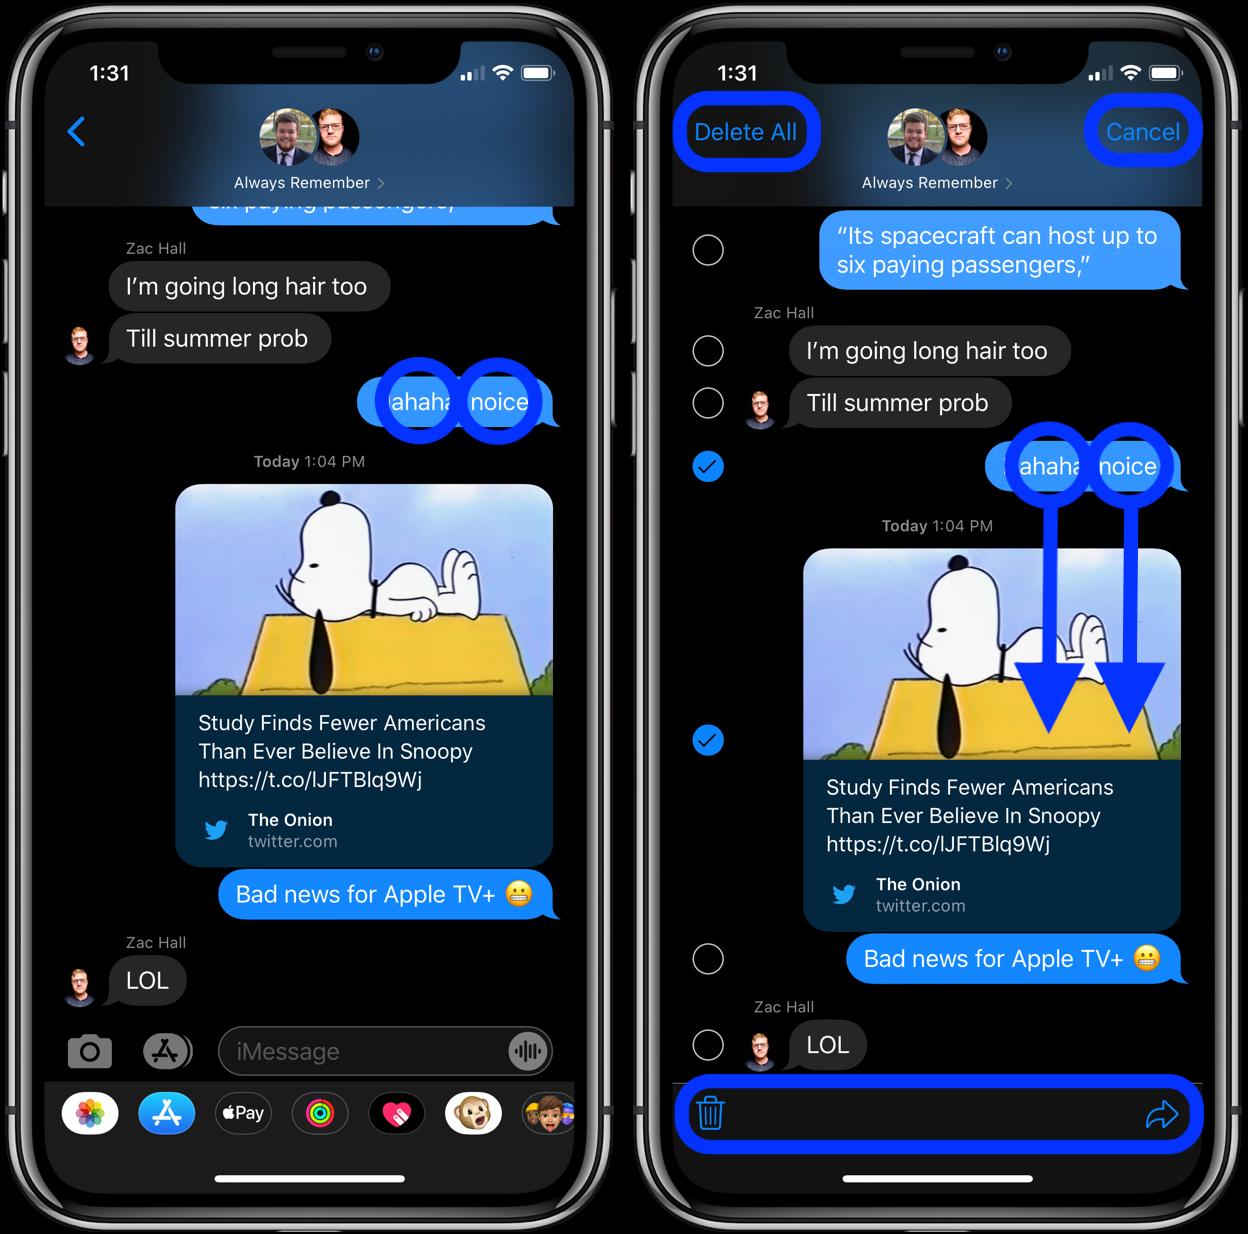 iOS 13 小技巧深挖 | 如何通过快捷手势选中多条消息删除?